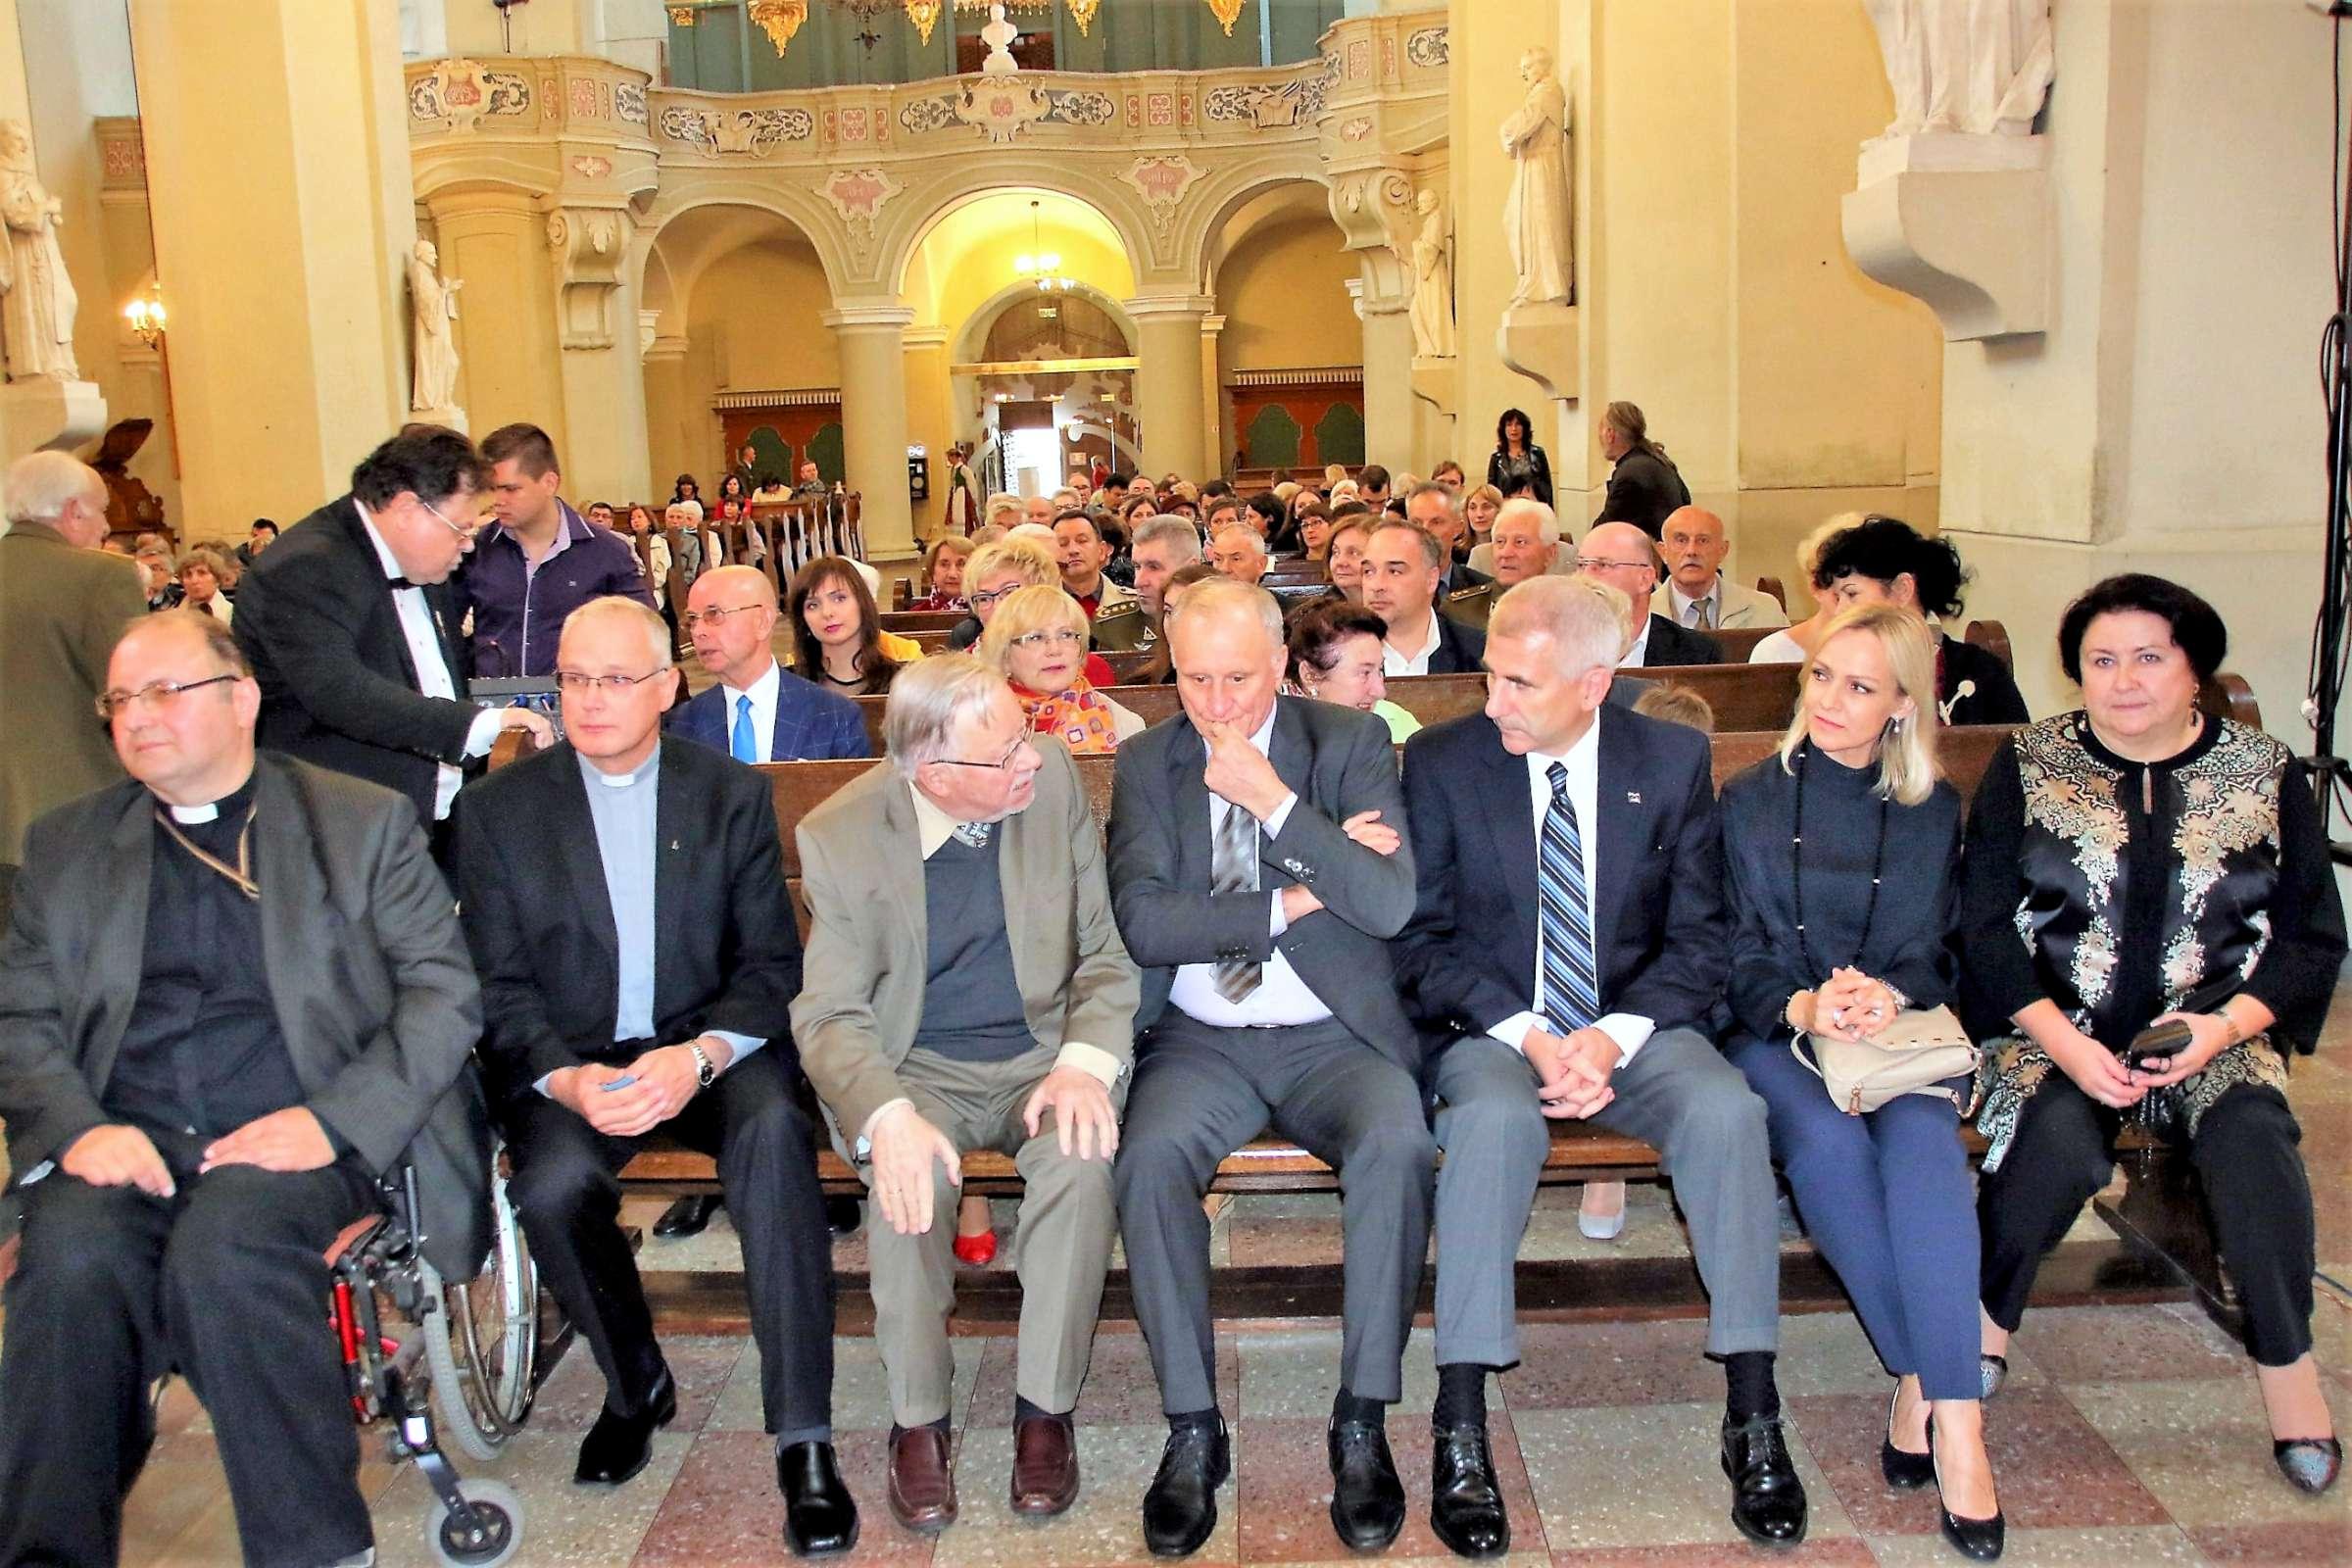 Pirmoje eilėje iš kairės: kun. T. Šernas, kun. G. Vitkus, prof. V. Landsbergis, G. Burbulis, V. Ušackas, jo žmona Loreta, G. Burbulio žmona Nadežda | J. Dingelio nuotr.